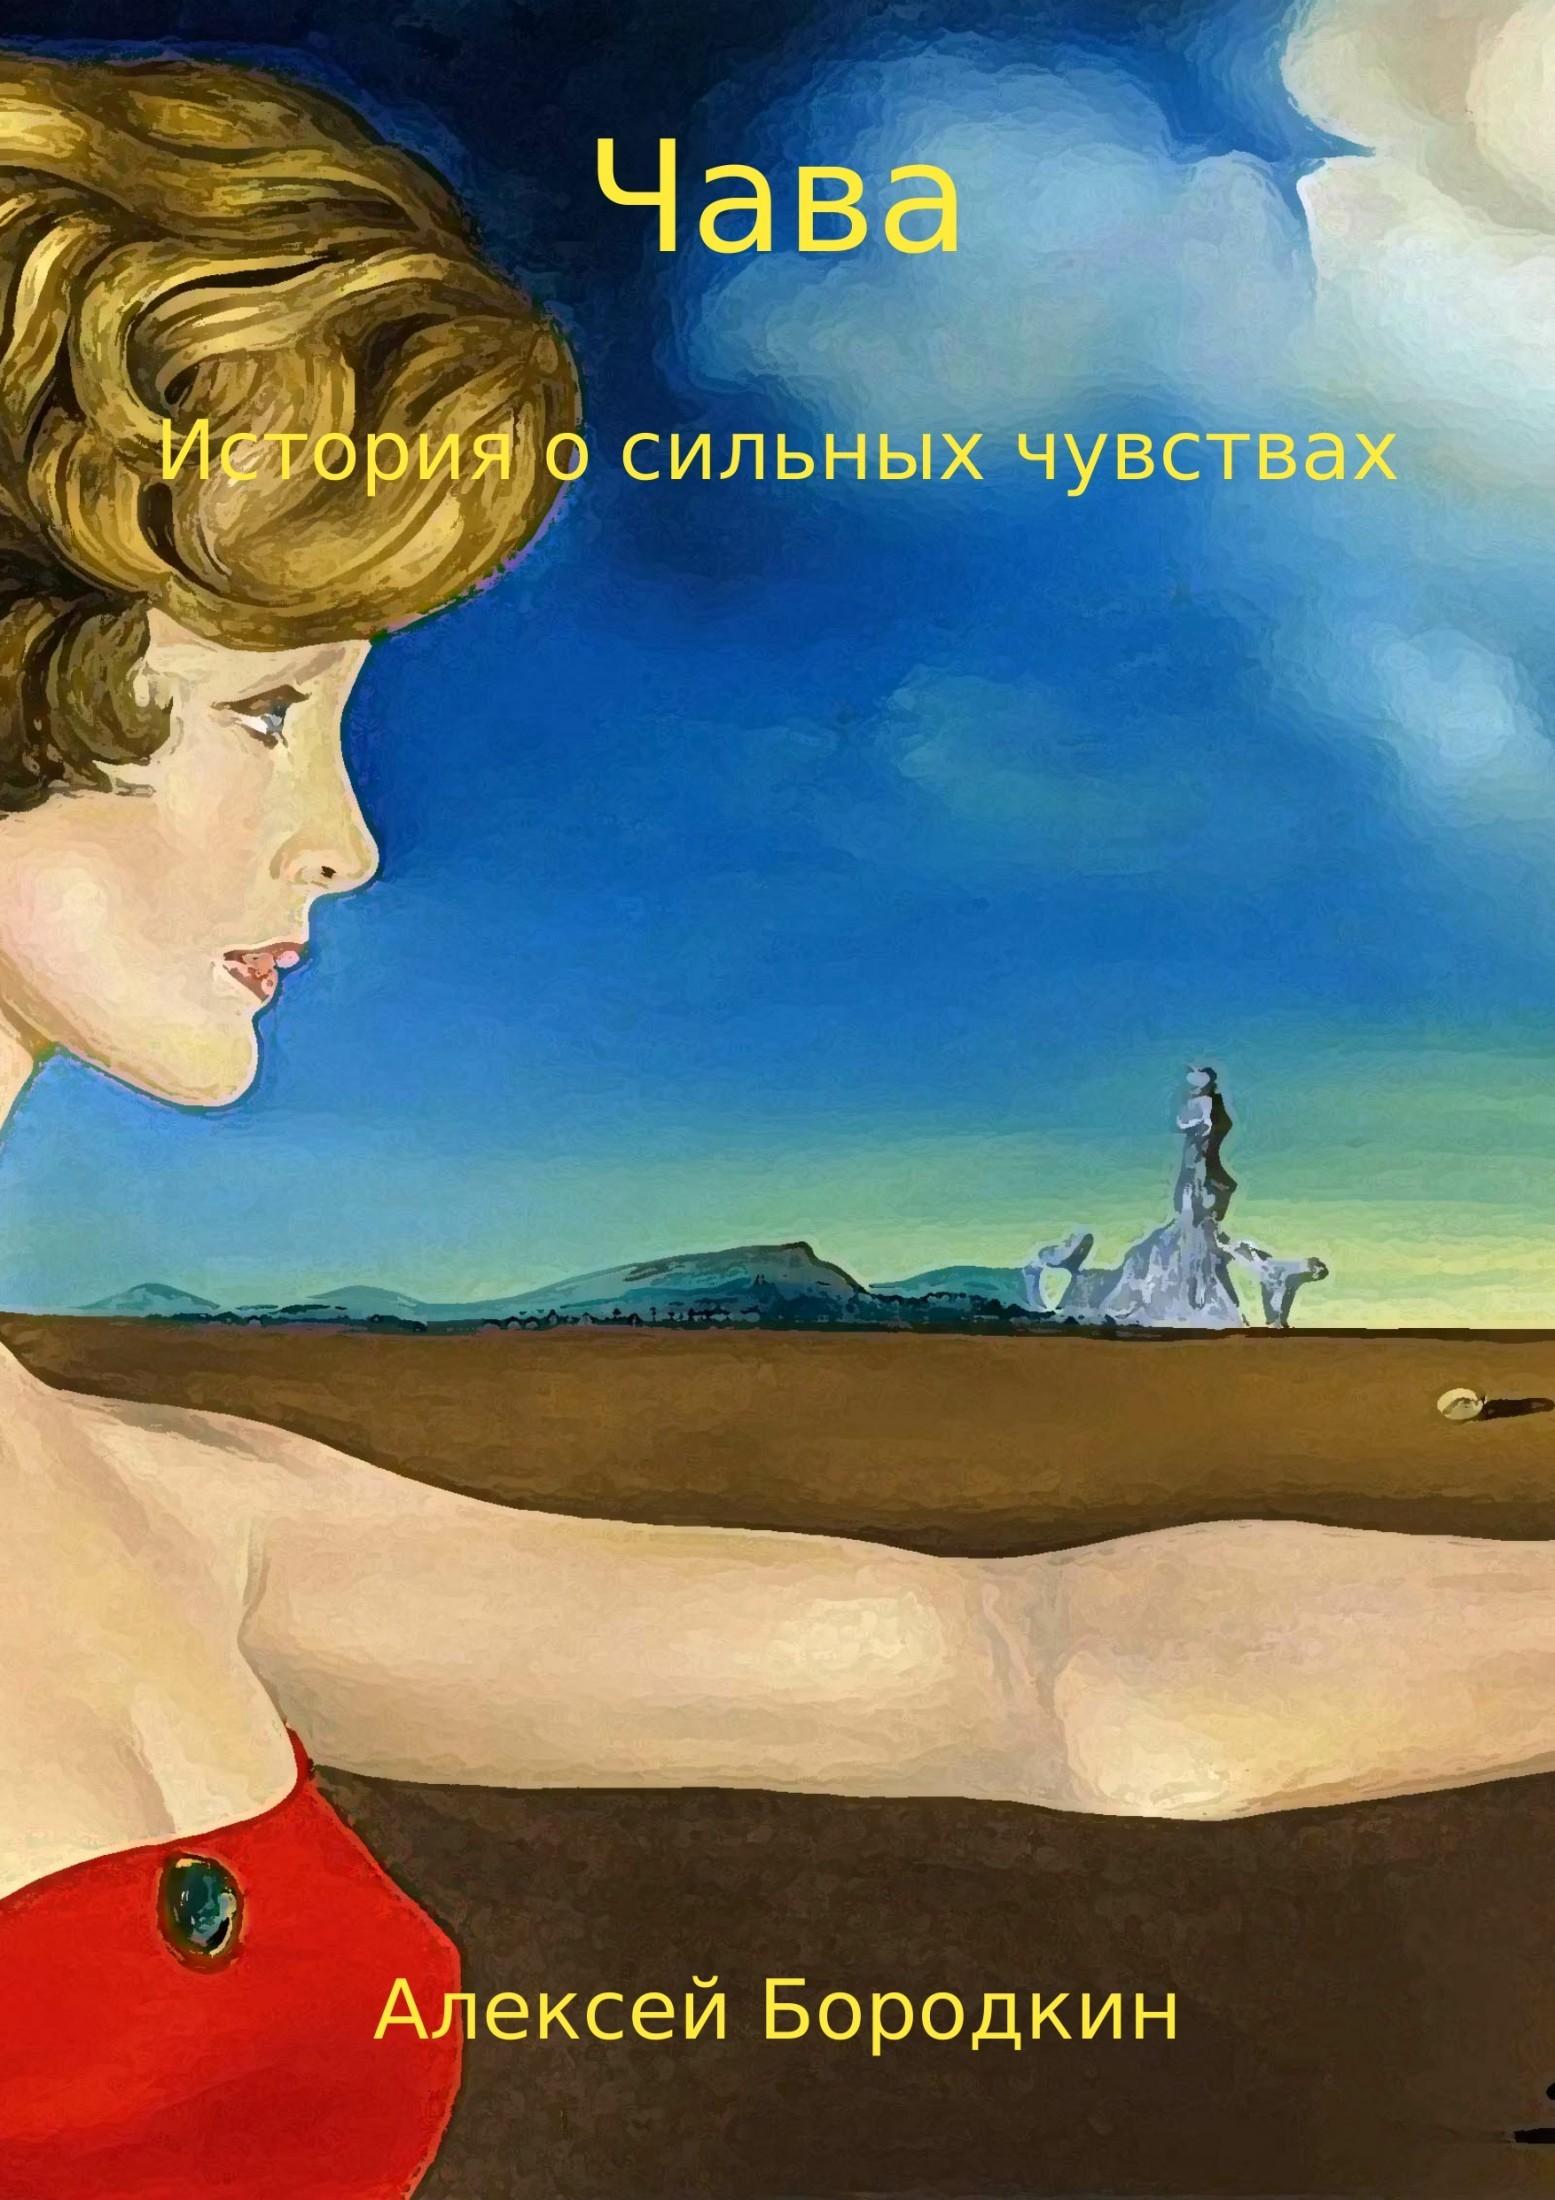 Алексей Бородкин - Чава. История о сильных чувствах